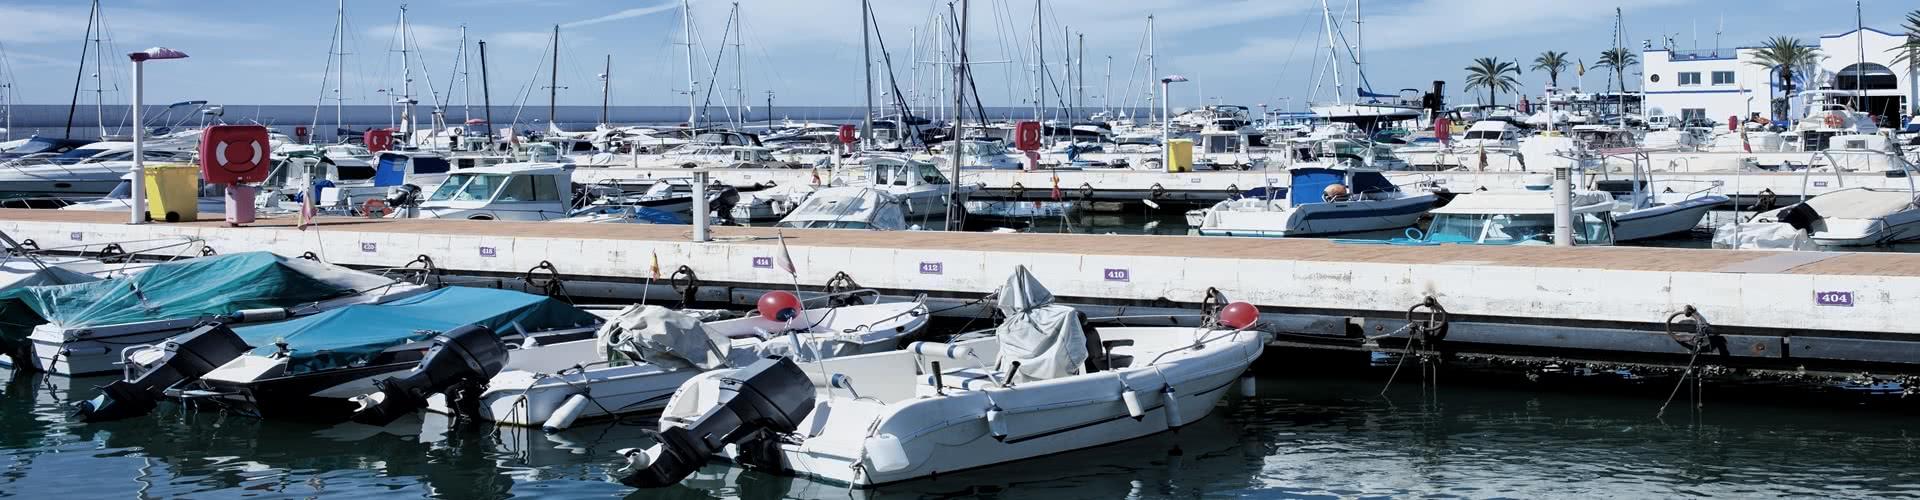 Peritación-embarcaciones